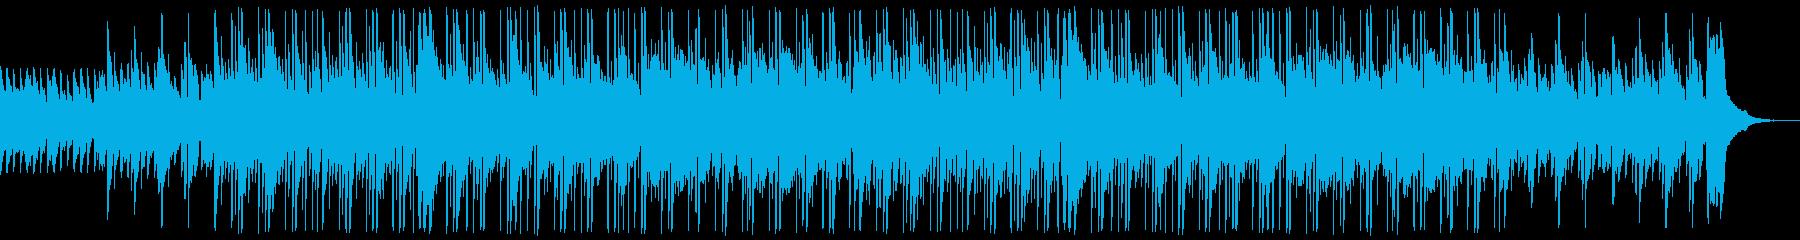 春らしく幻想的なBGMです。の再生済みの波形